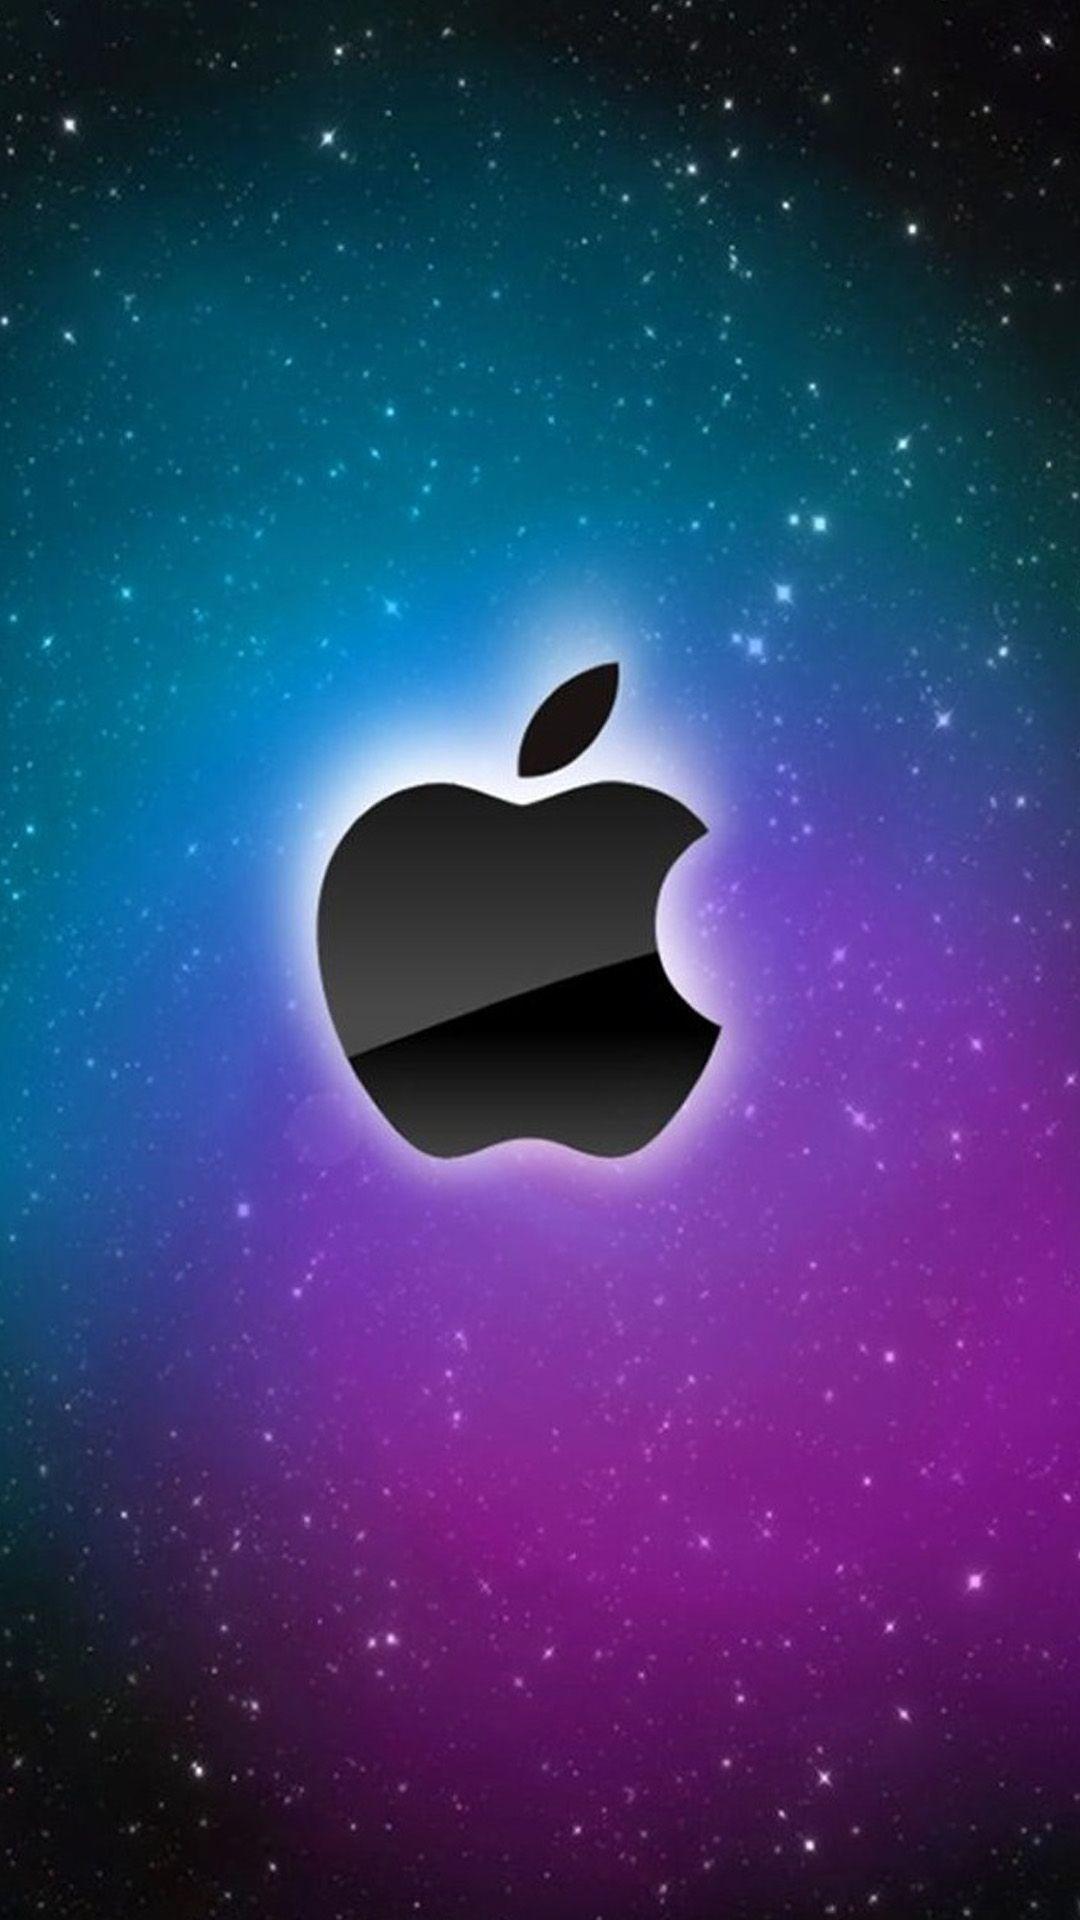 Февраля открытка, крутые картинки айфона яблоко